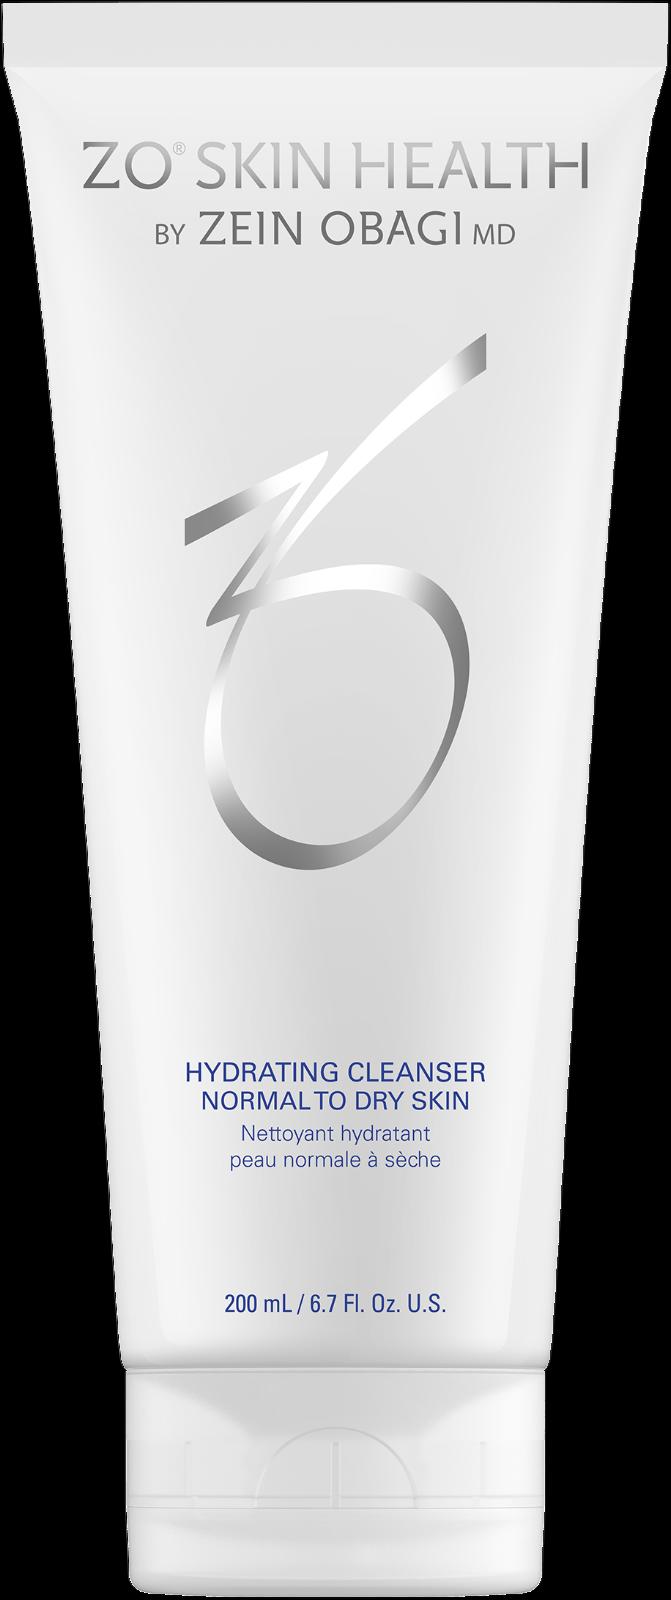 ZO® SKIN HEALTH  HYDRATING CLEANSER 200 ML / 6.7 FL. OZ. ex